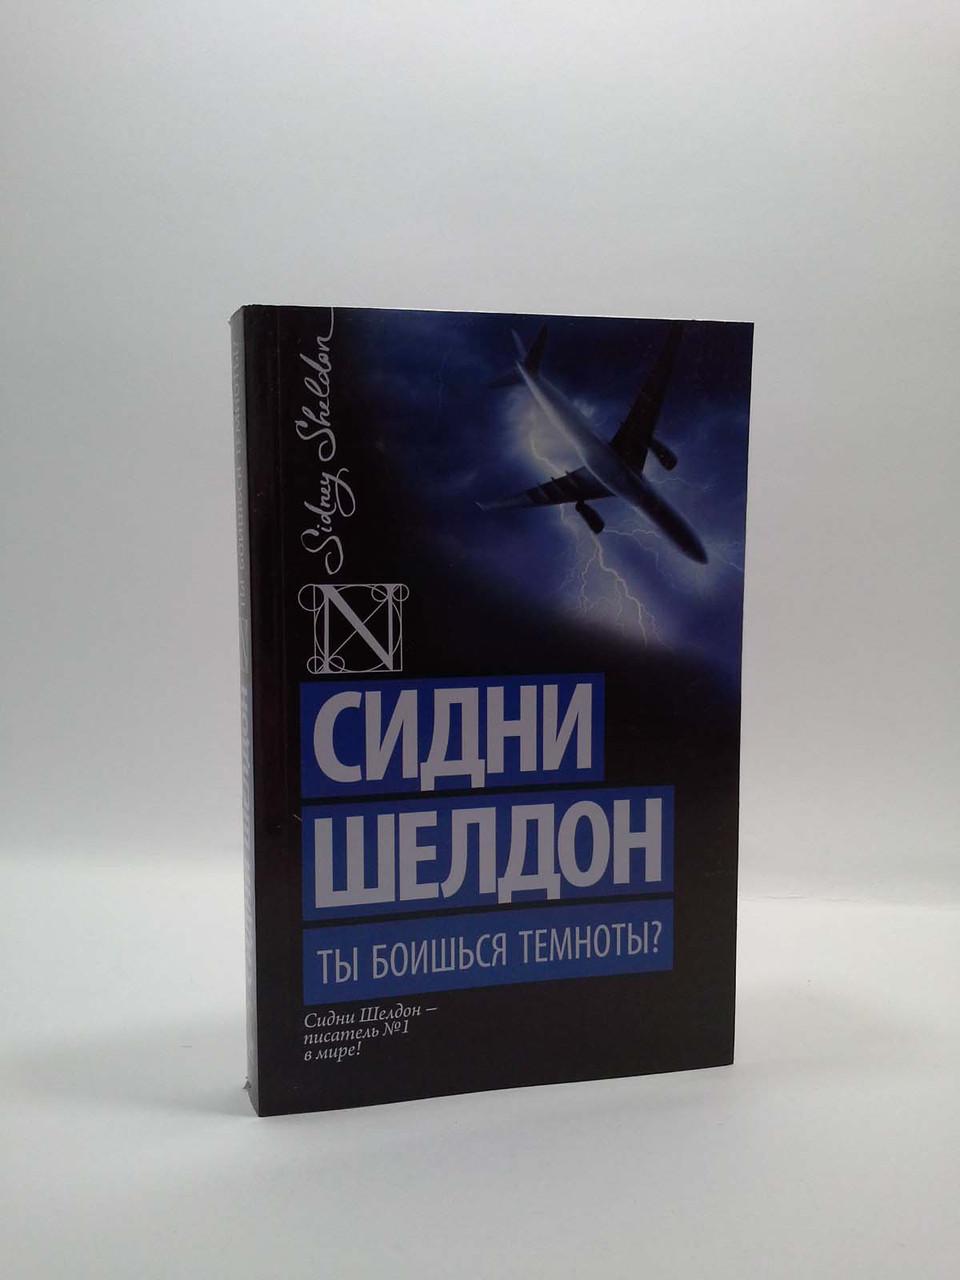 АСТ ЭксклКлас (мини) Шелдон Ты боишься темноты